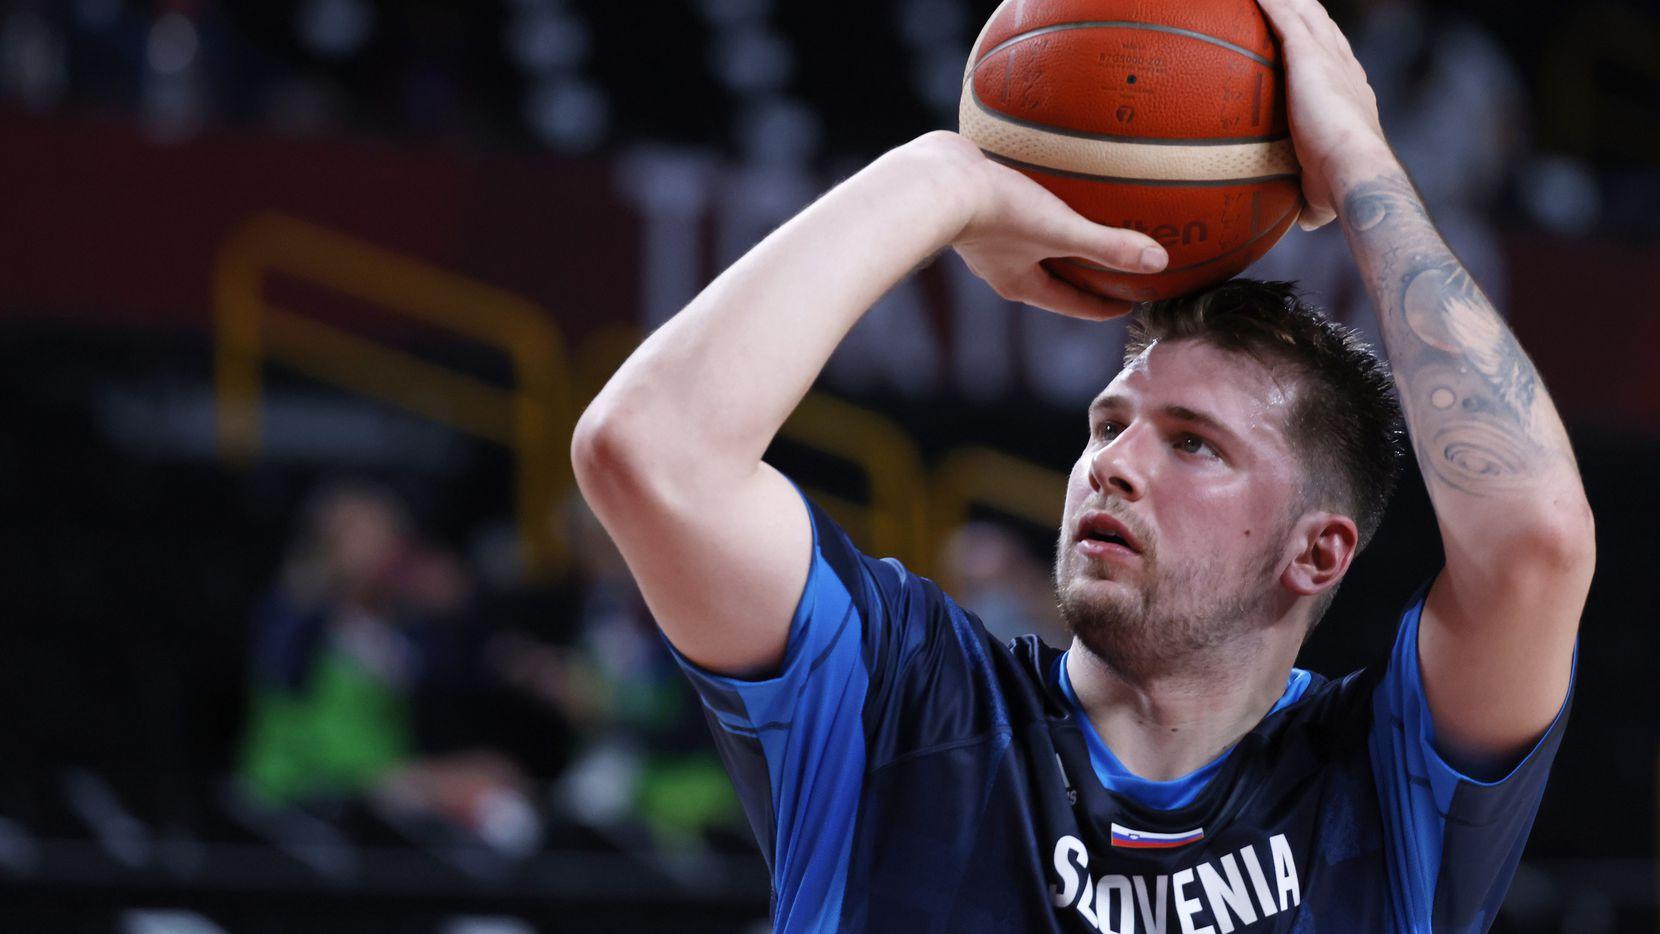 El jugador de los Mavericks de Dallas en una práctica de la selección de Eslovenia antes de un partido en los Juegos Olímpicos de Tokio.